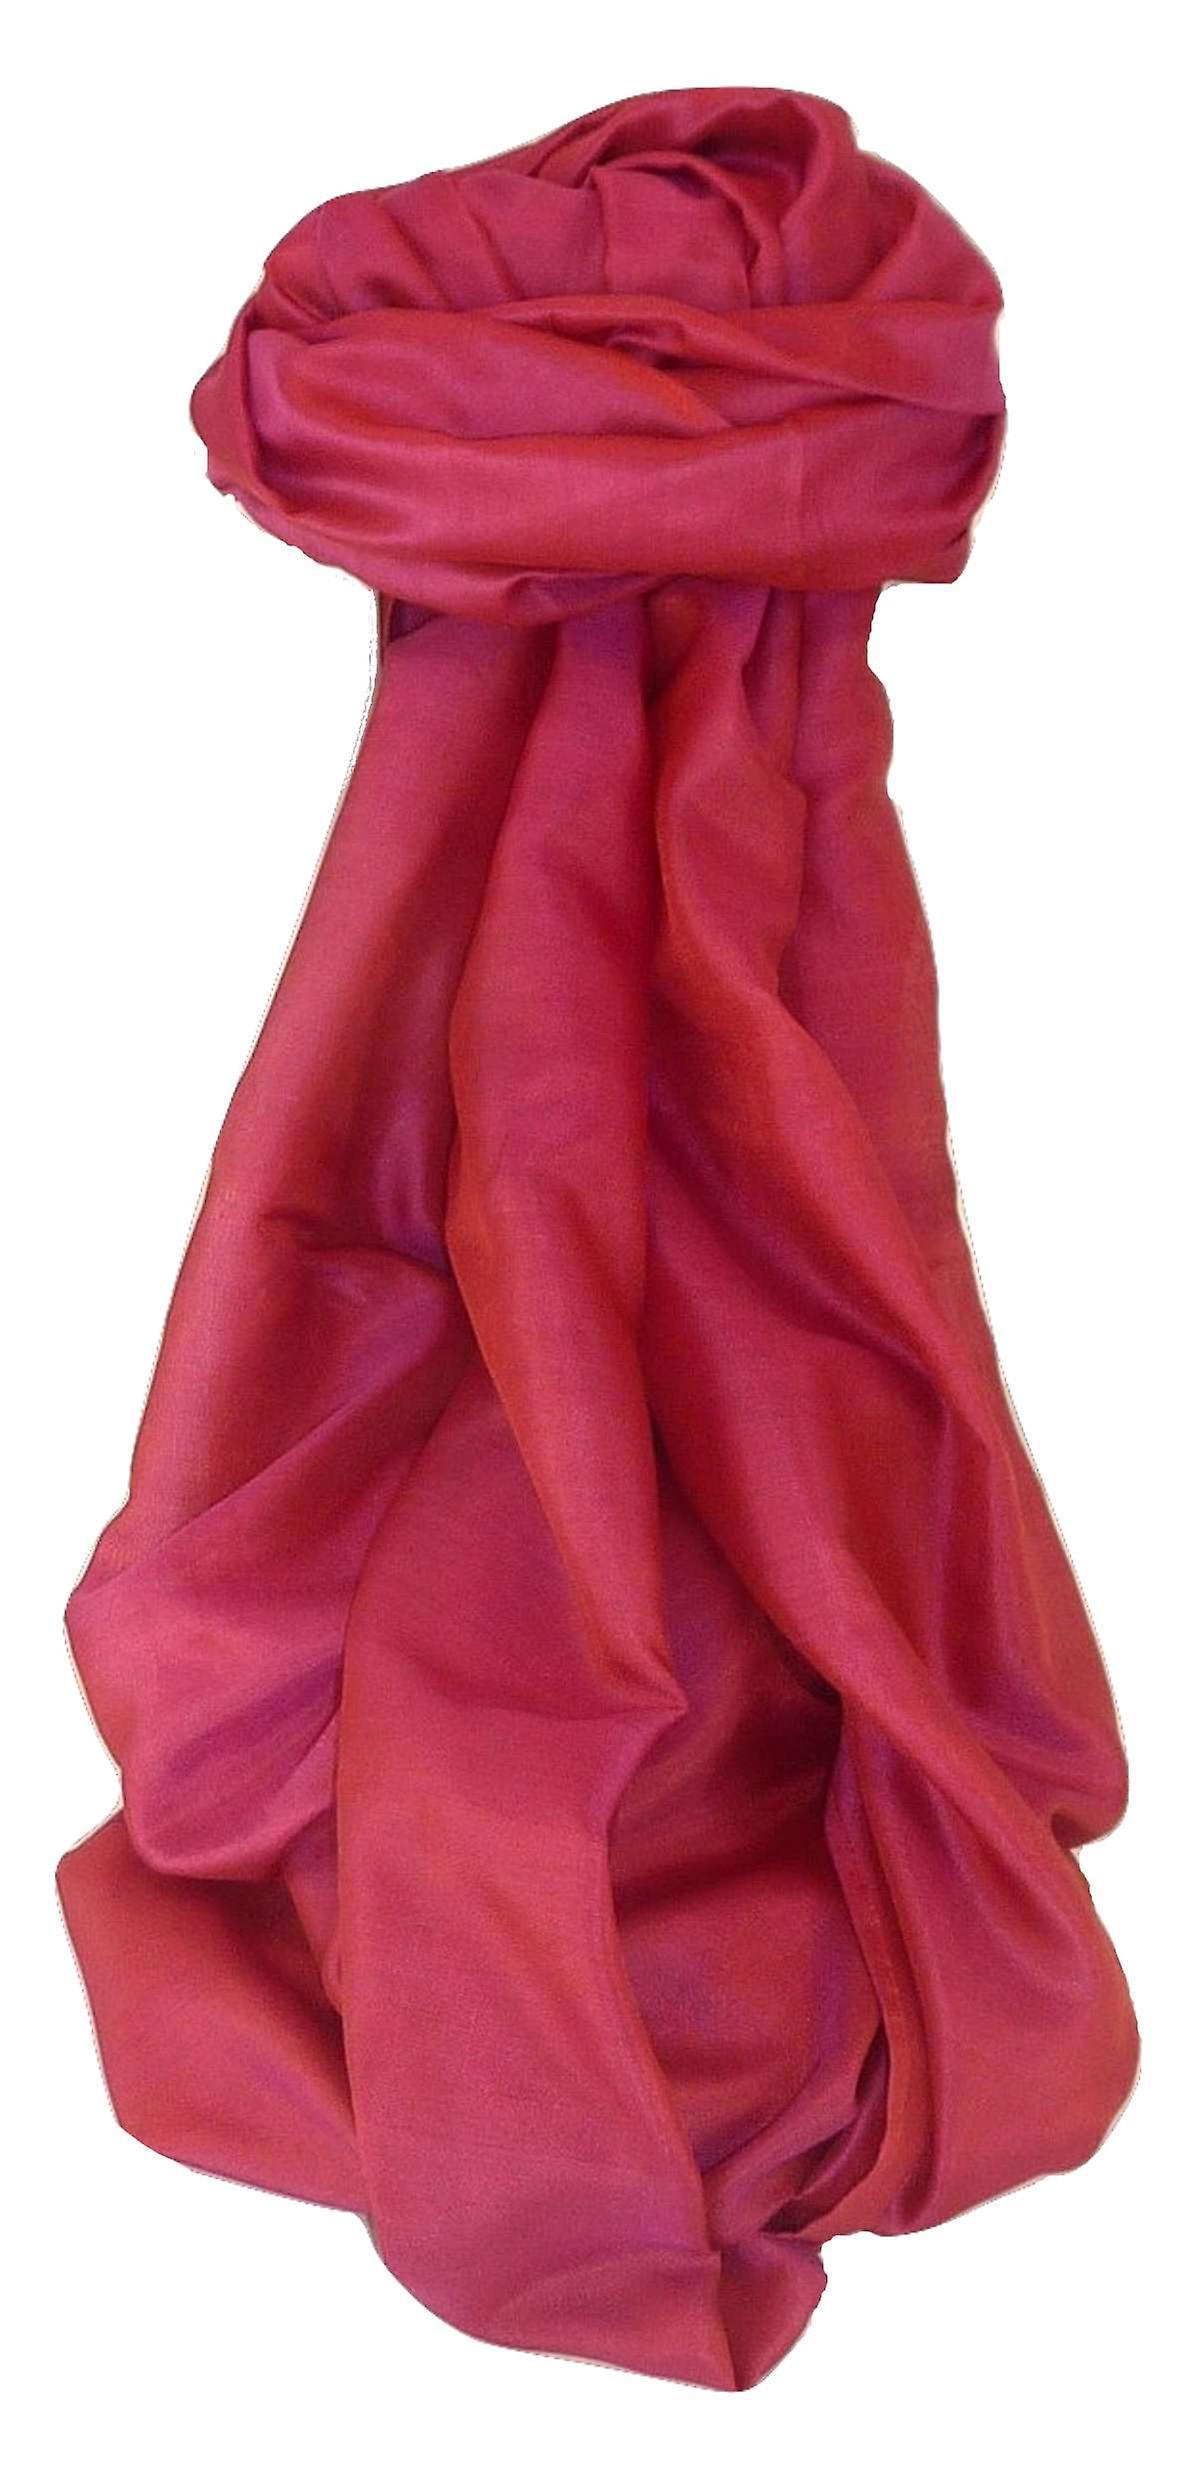 Varanasi Silk Long Scarf Heritage Range Gunneswaran 5 by Pashmina & Silk